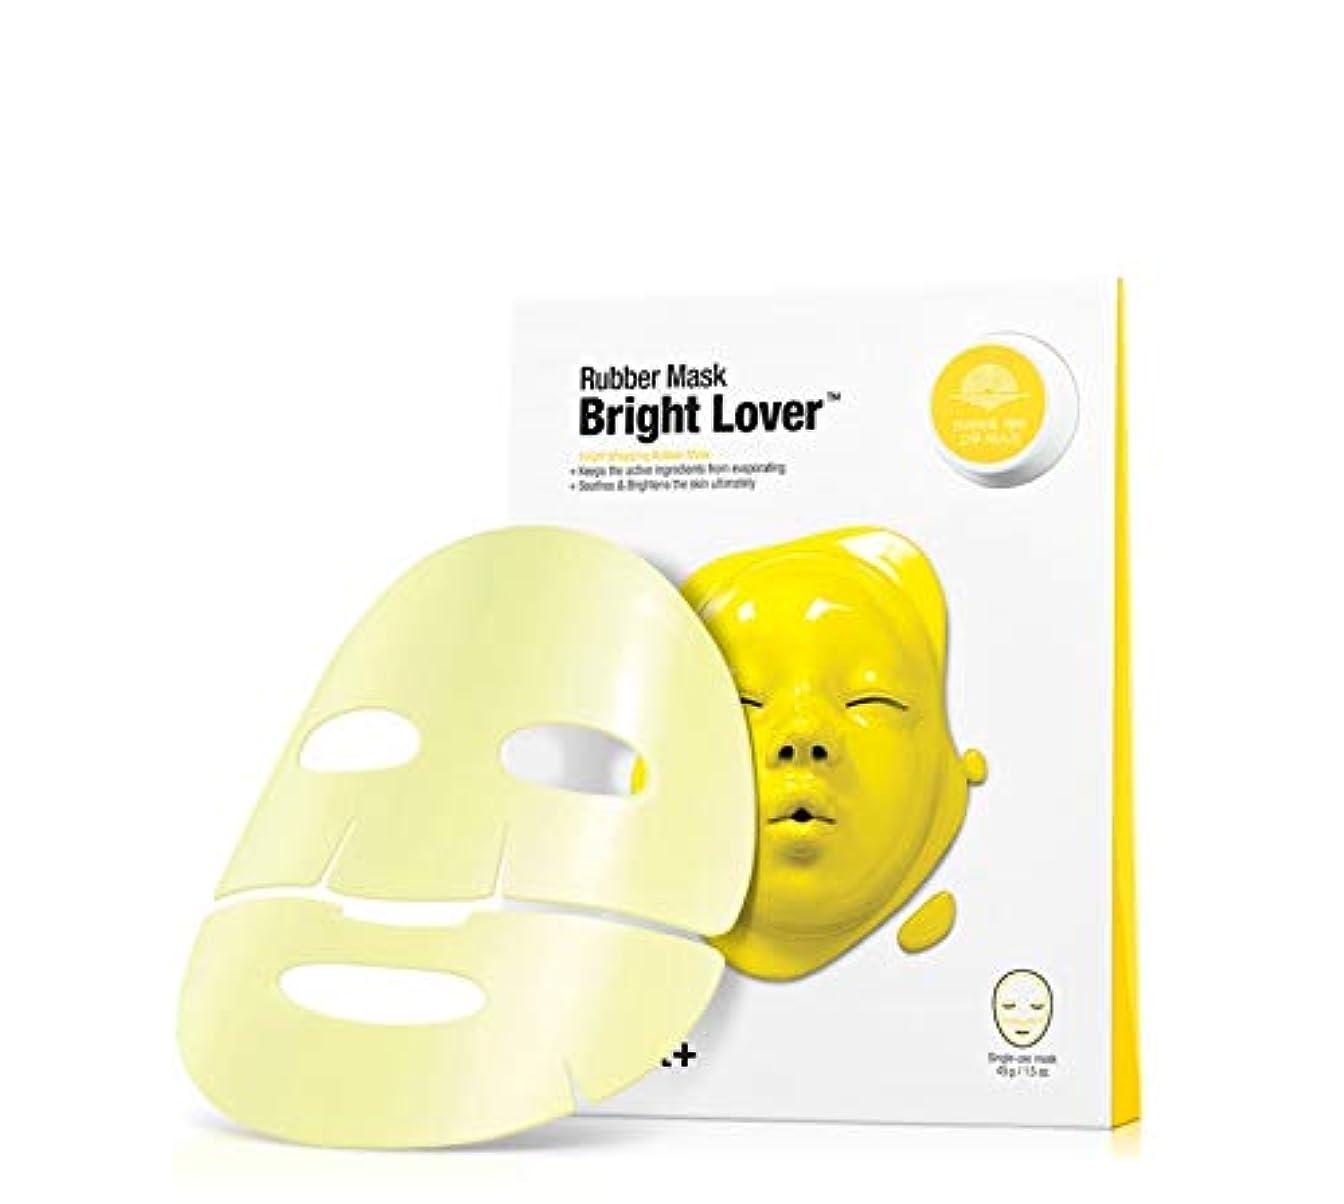 素晴らしき暗唱する貯水池Dr. Jart Dermask Rubber Mask 1.5oz 1pcs (Bright Lover)